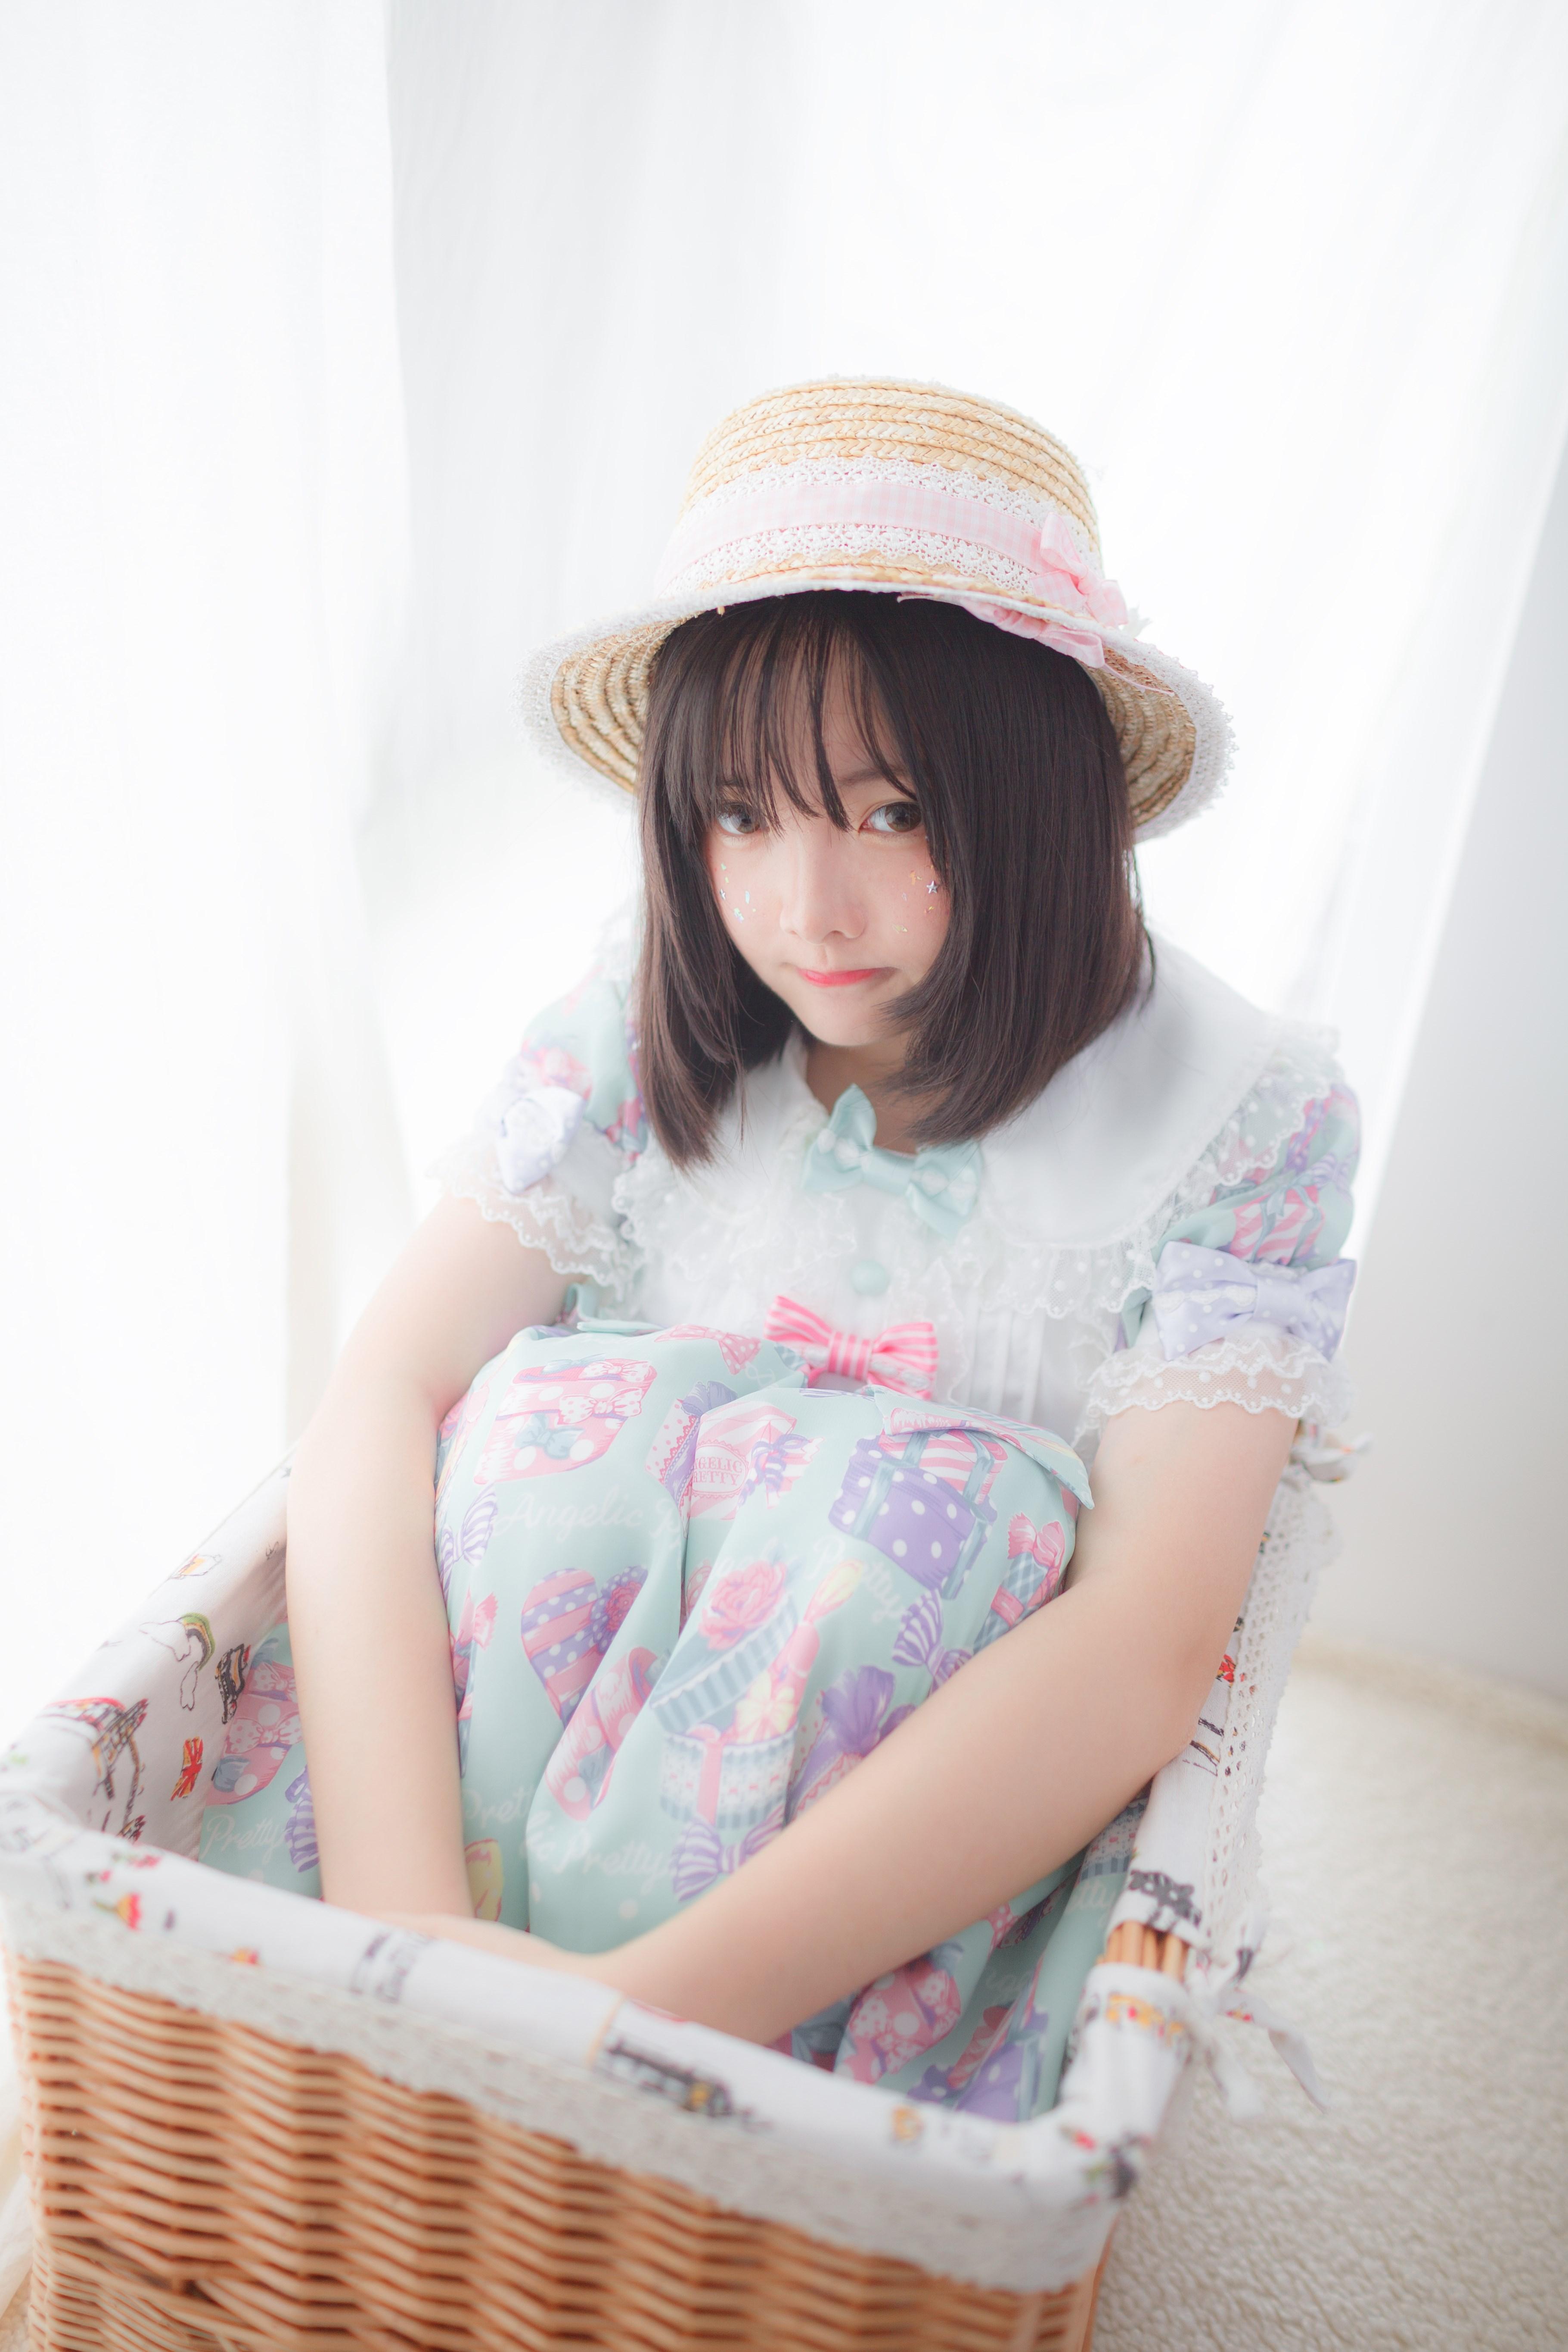 【兔玩映画】软萌小萝莉 兔玩映画 第1张